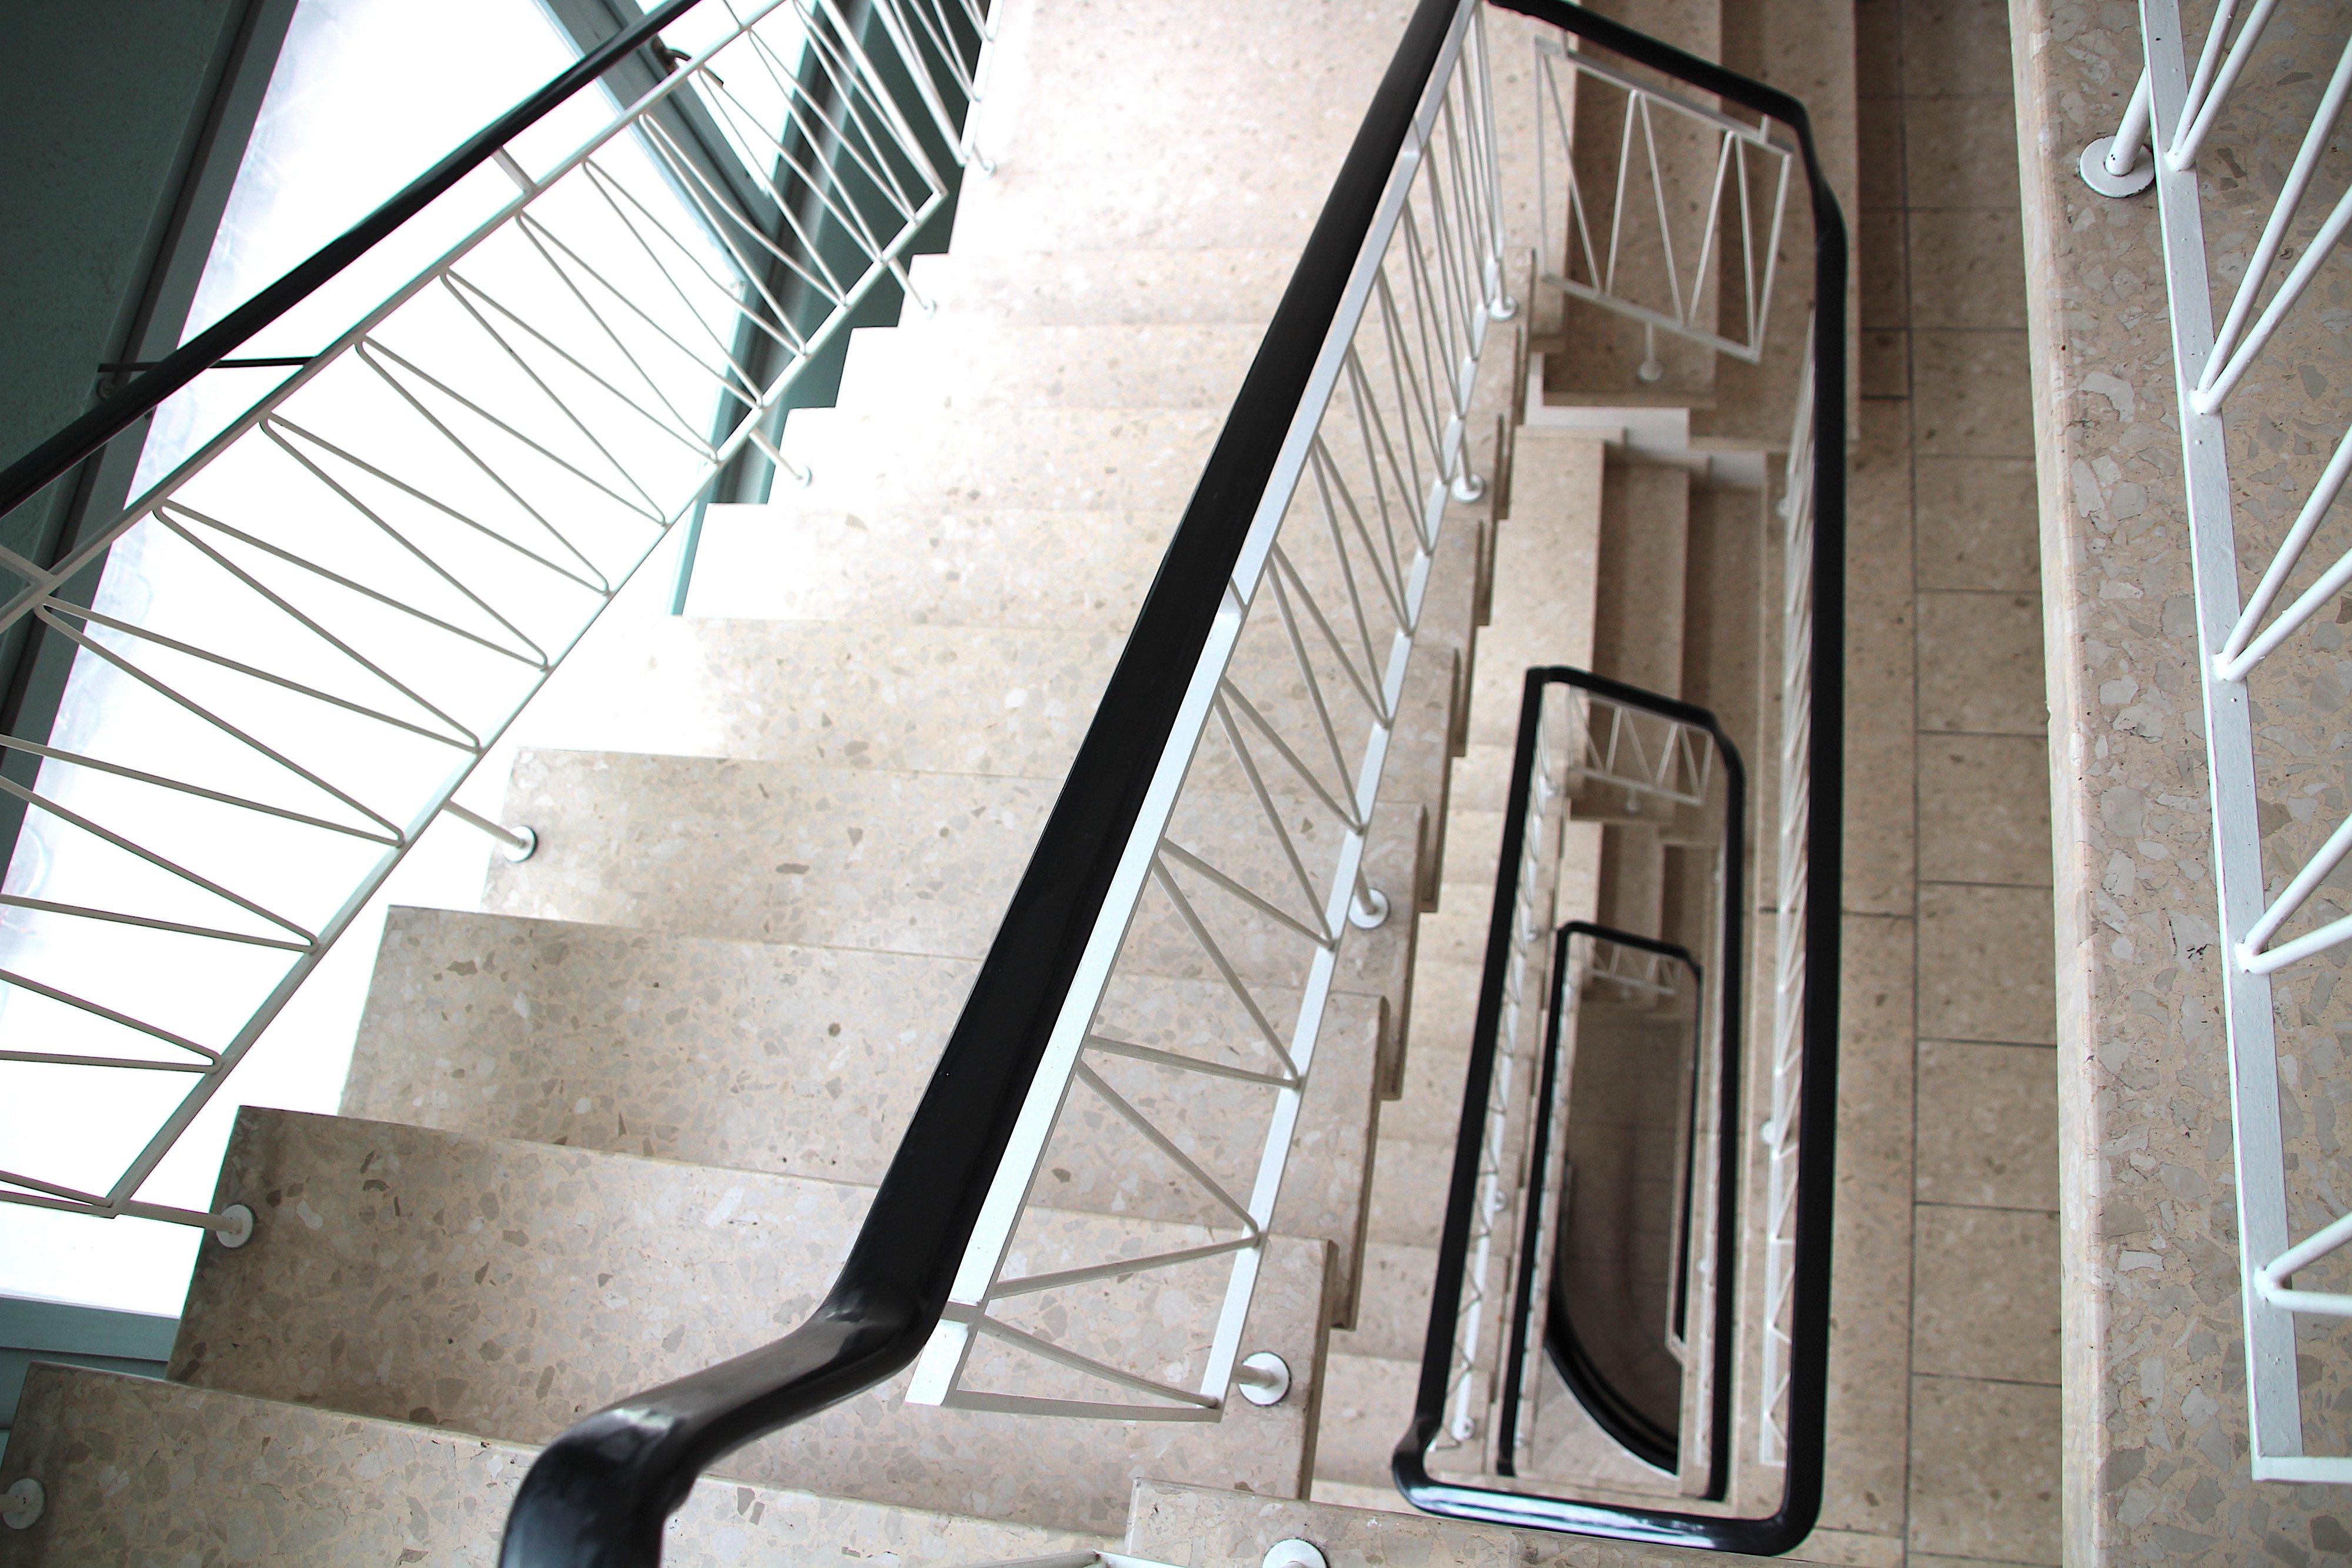 Helles und harmonisch gestaltetes Treppenhaus.